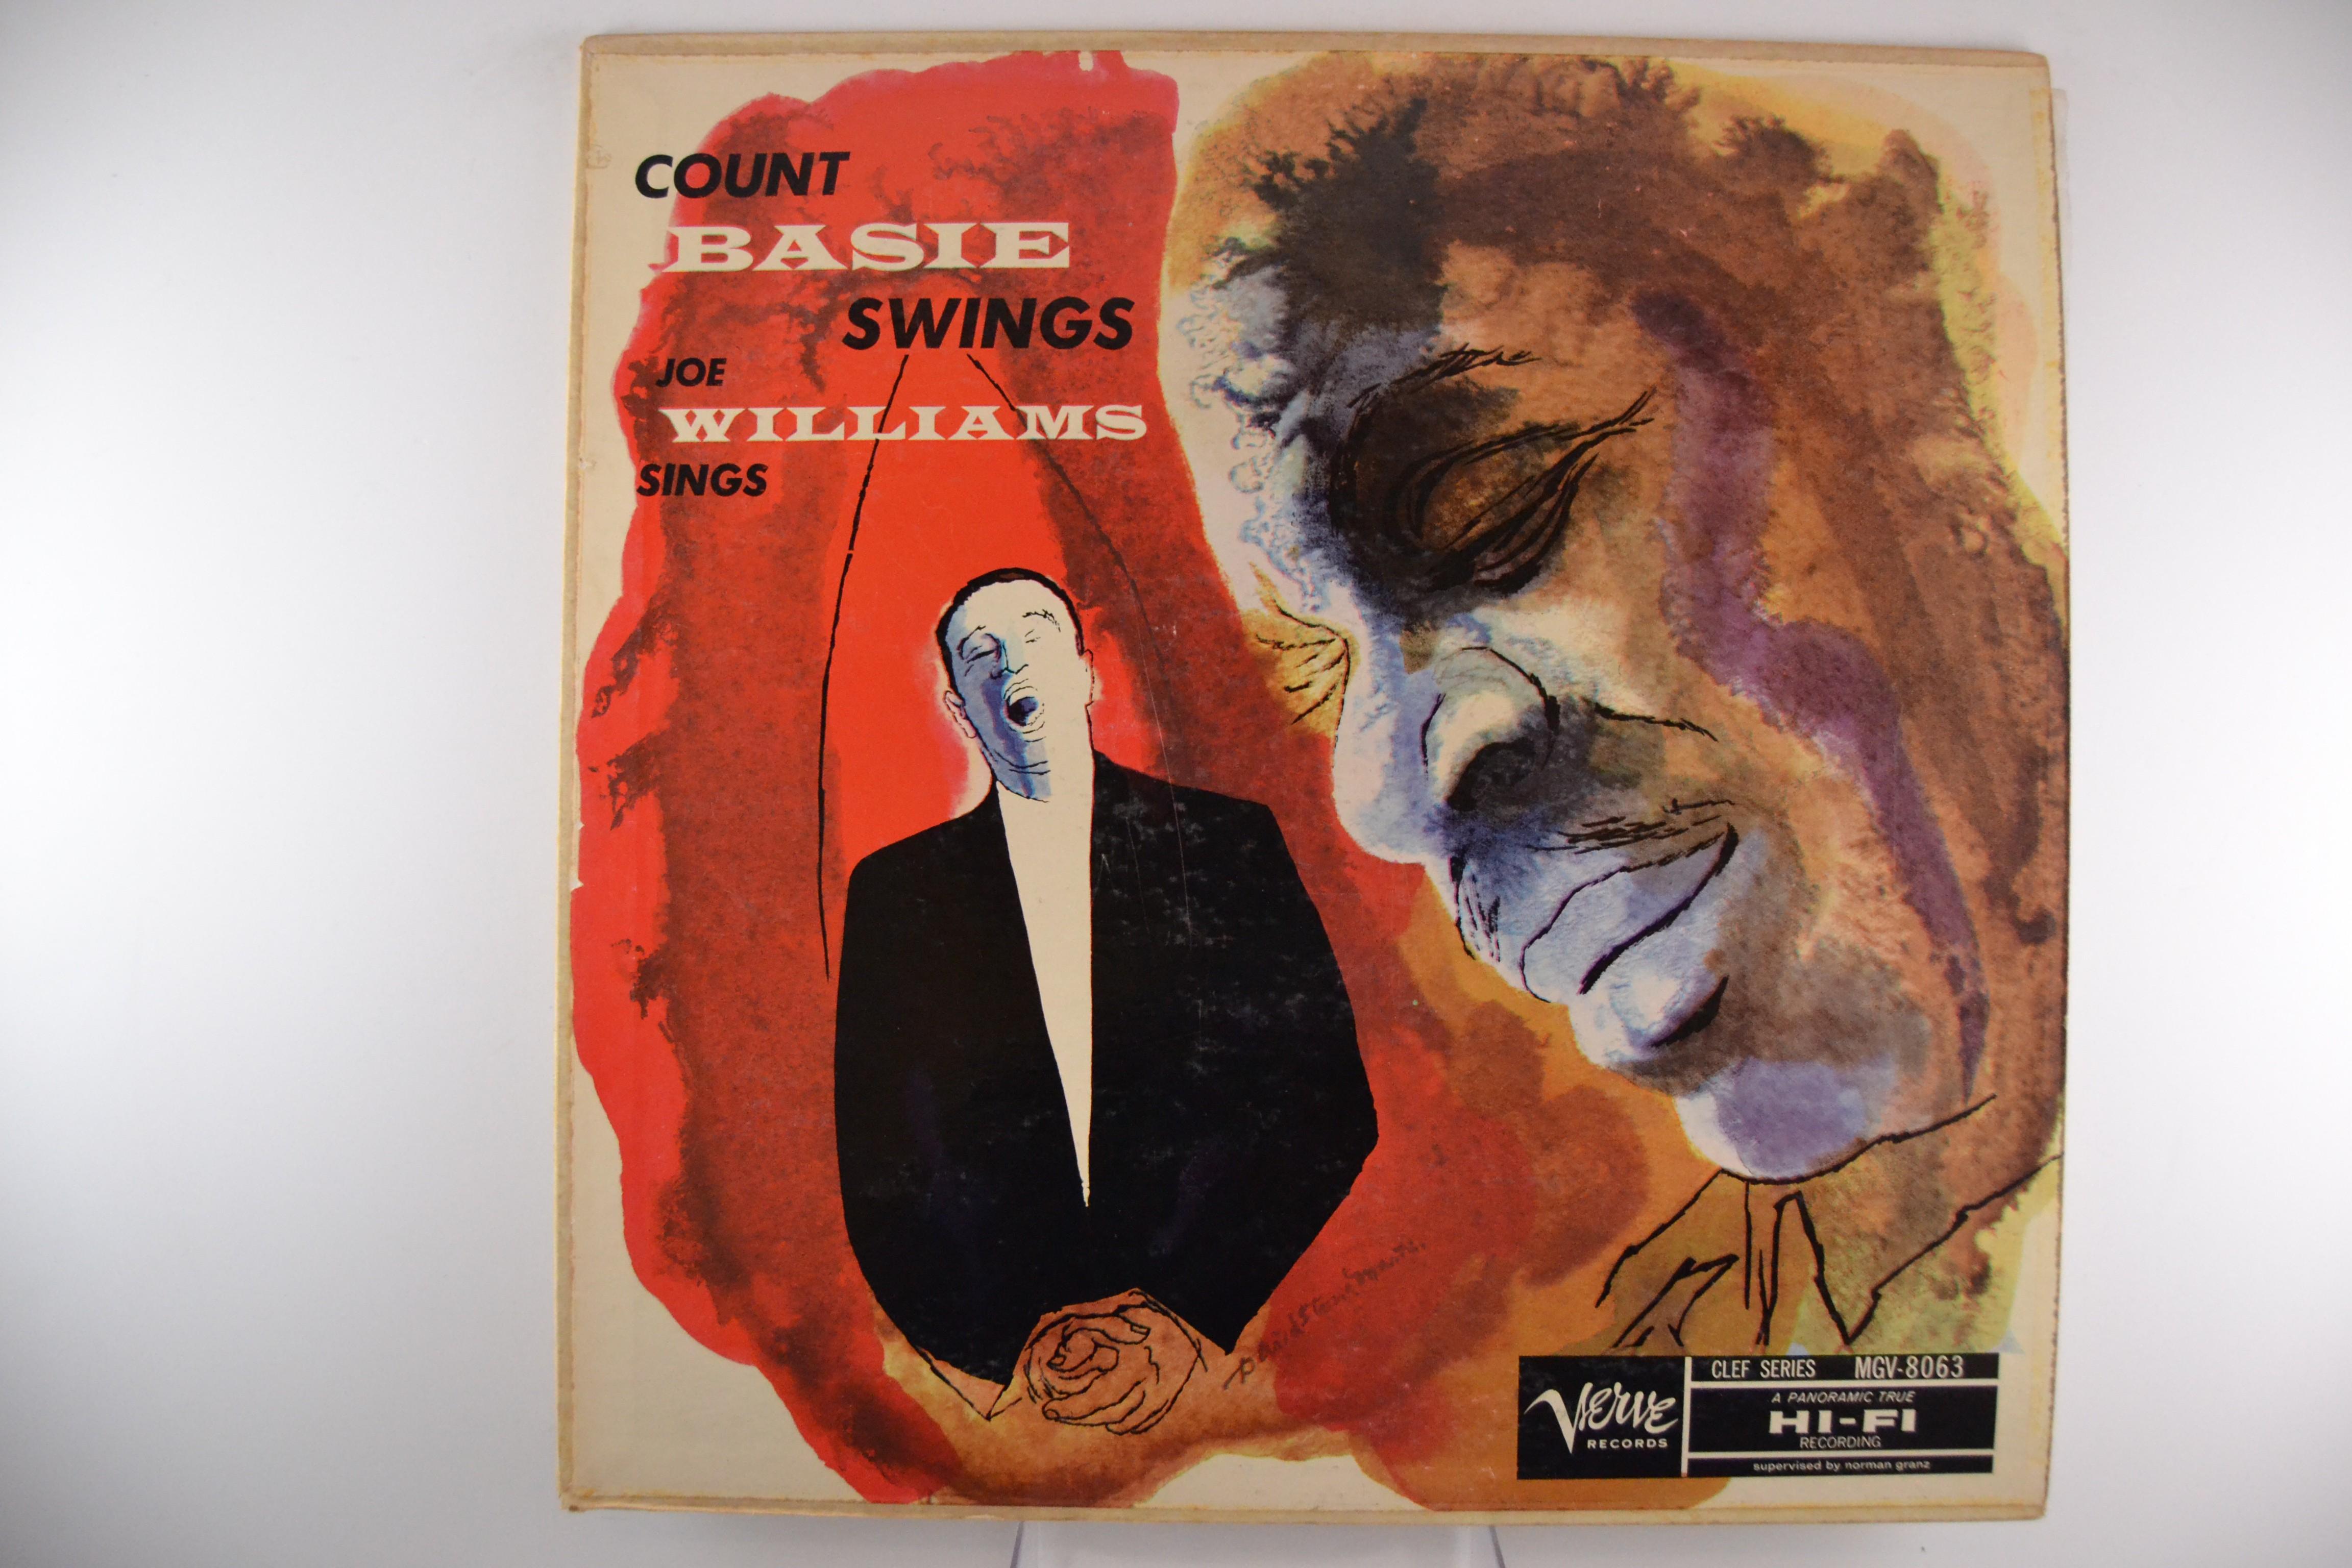 """COUNT BASIE & JOE WILLIAMS : """"Count Basie swings - Joe Williams sings"""""""